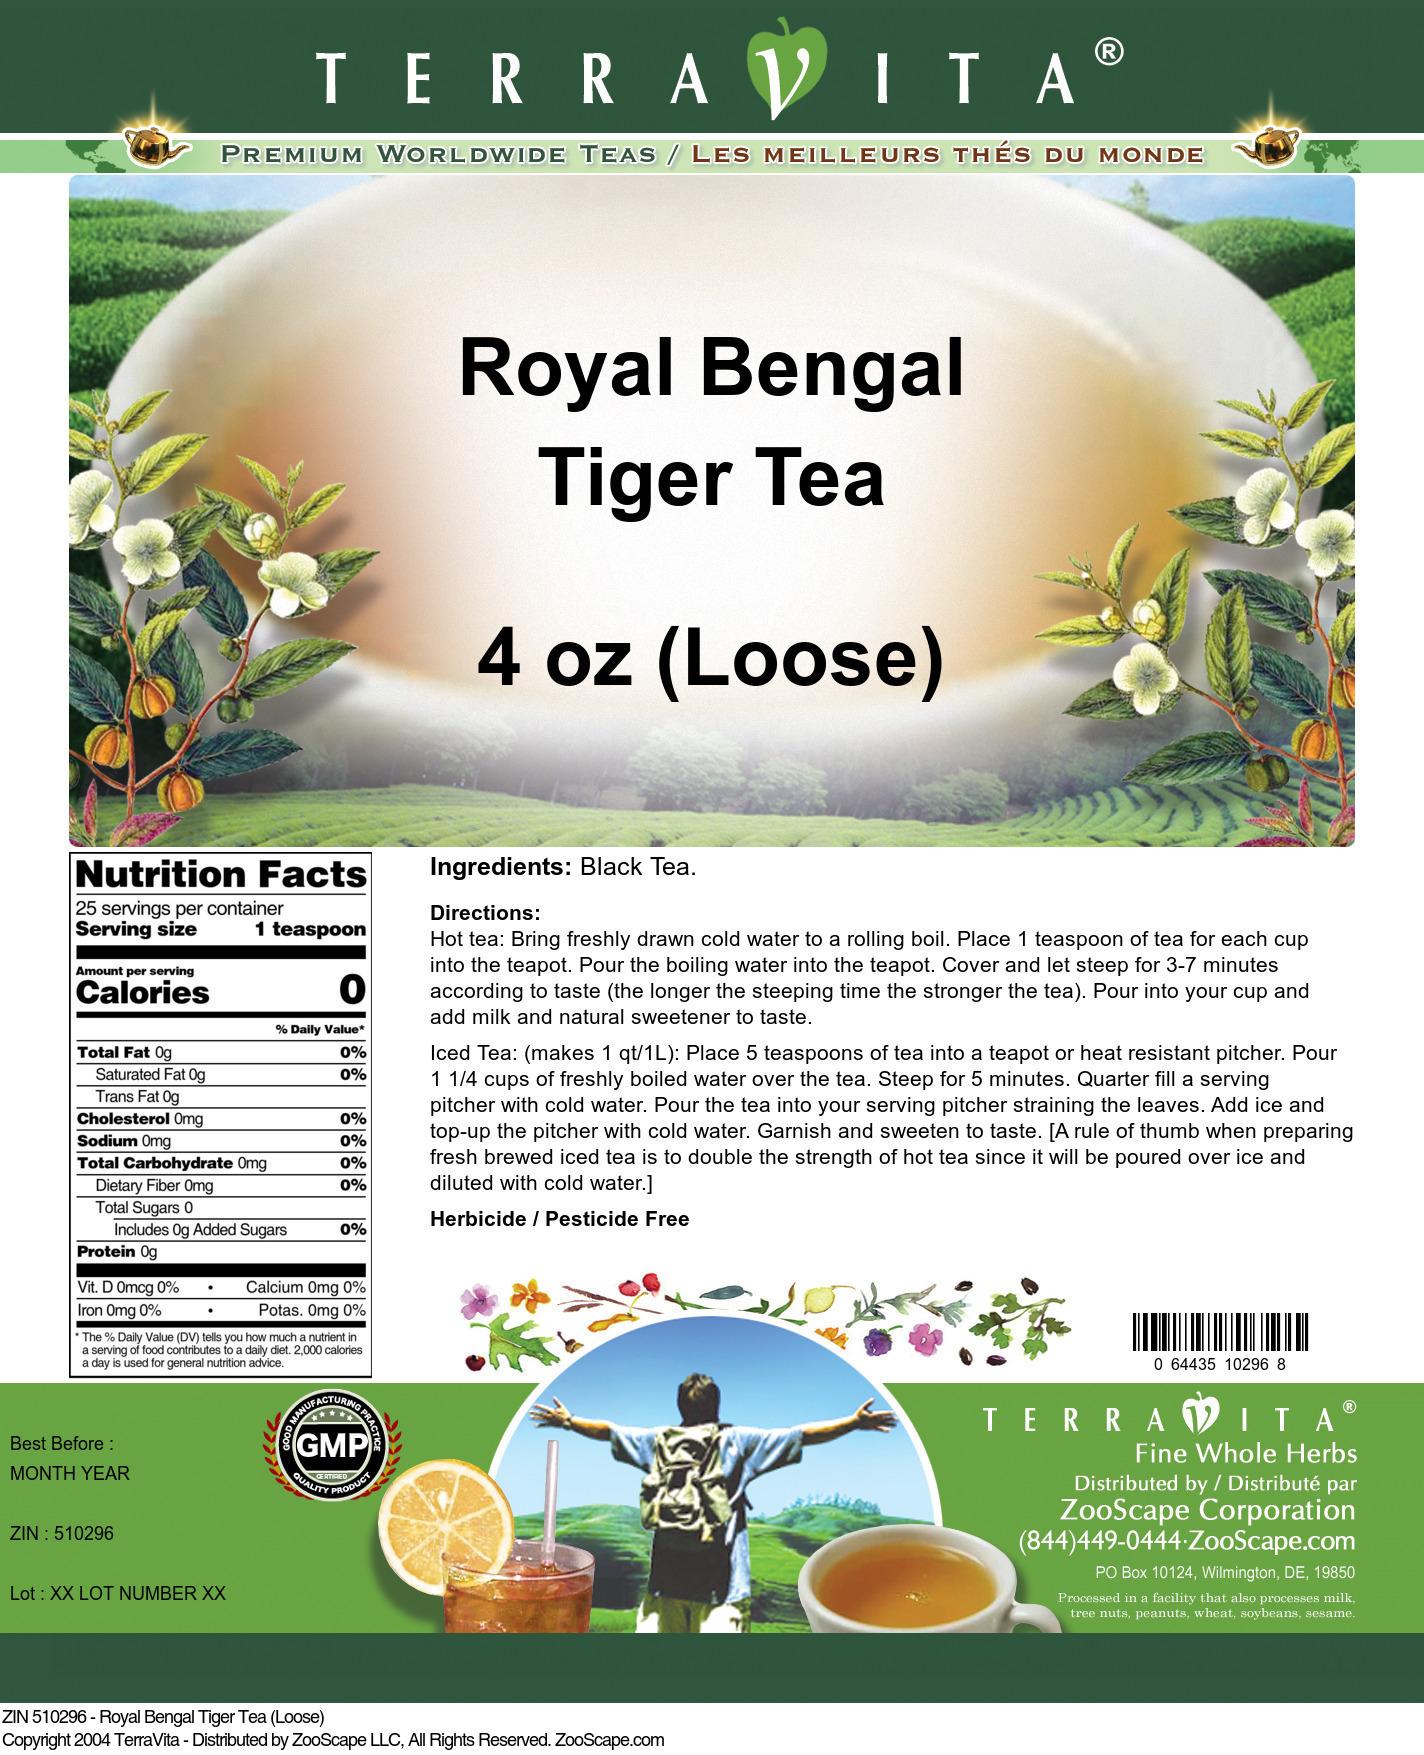 Royal Bengal Tiger Tea (Loose)